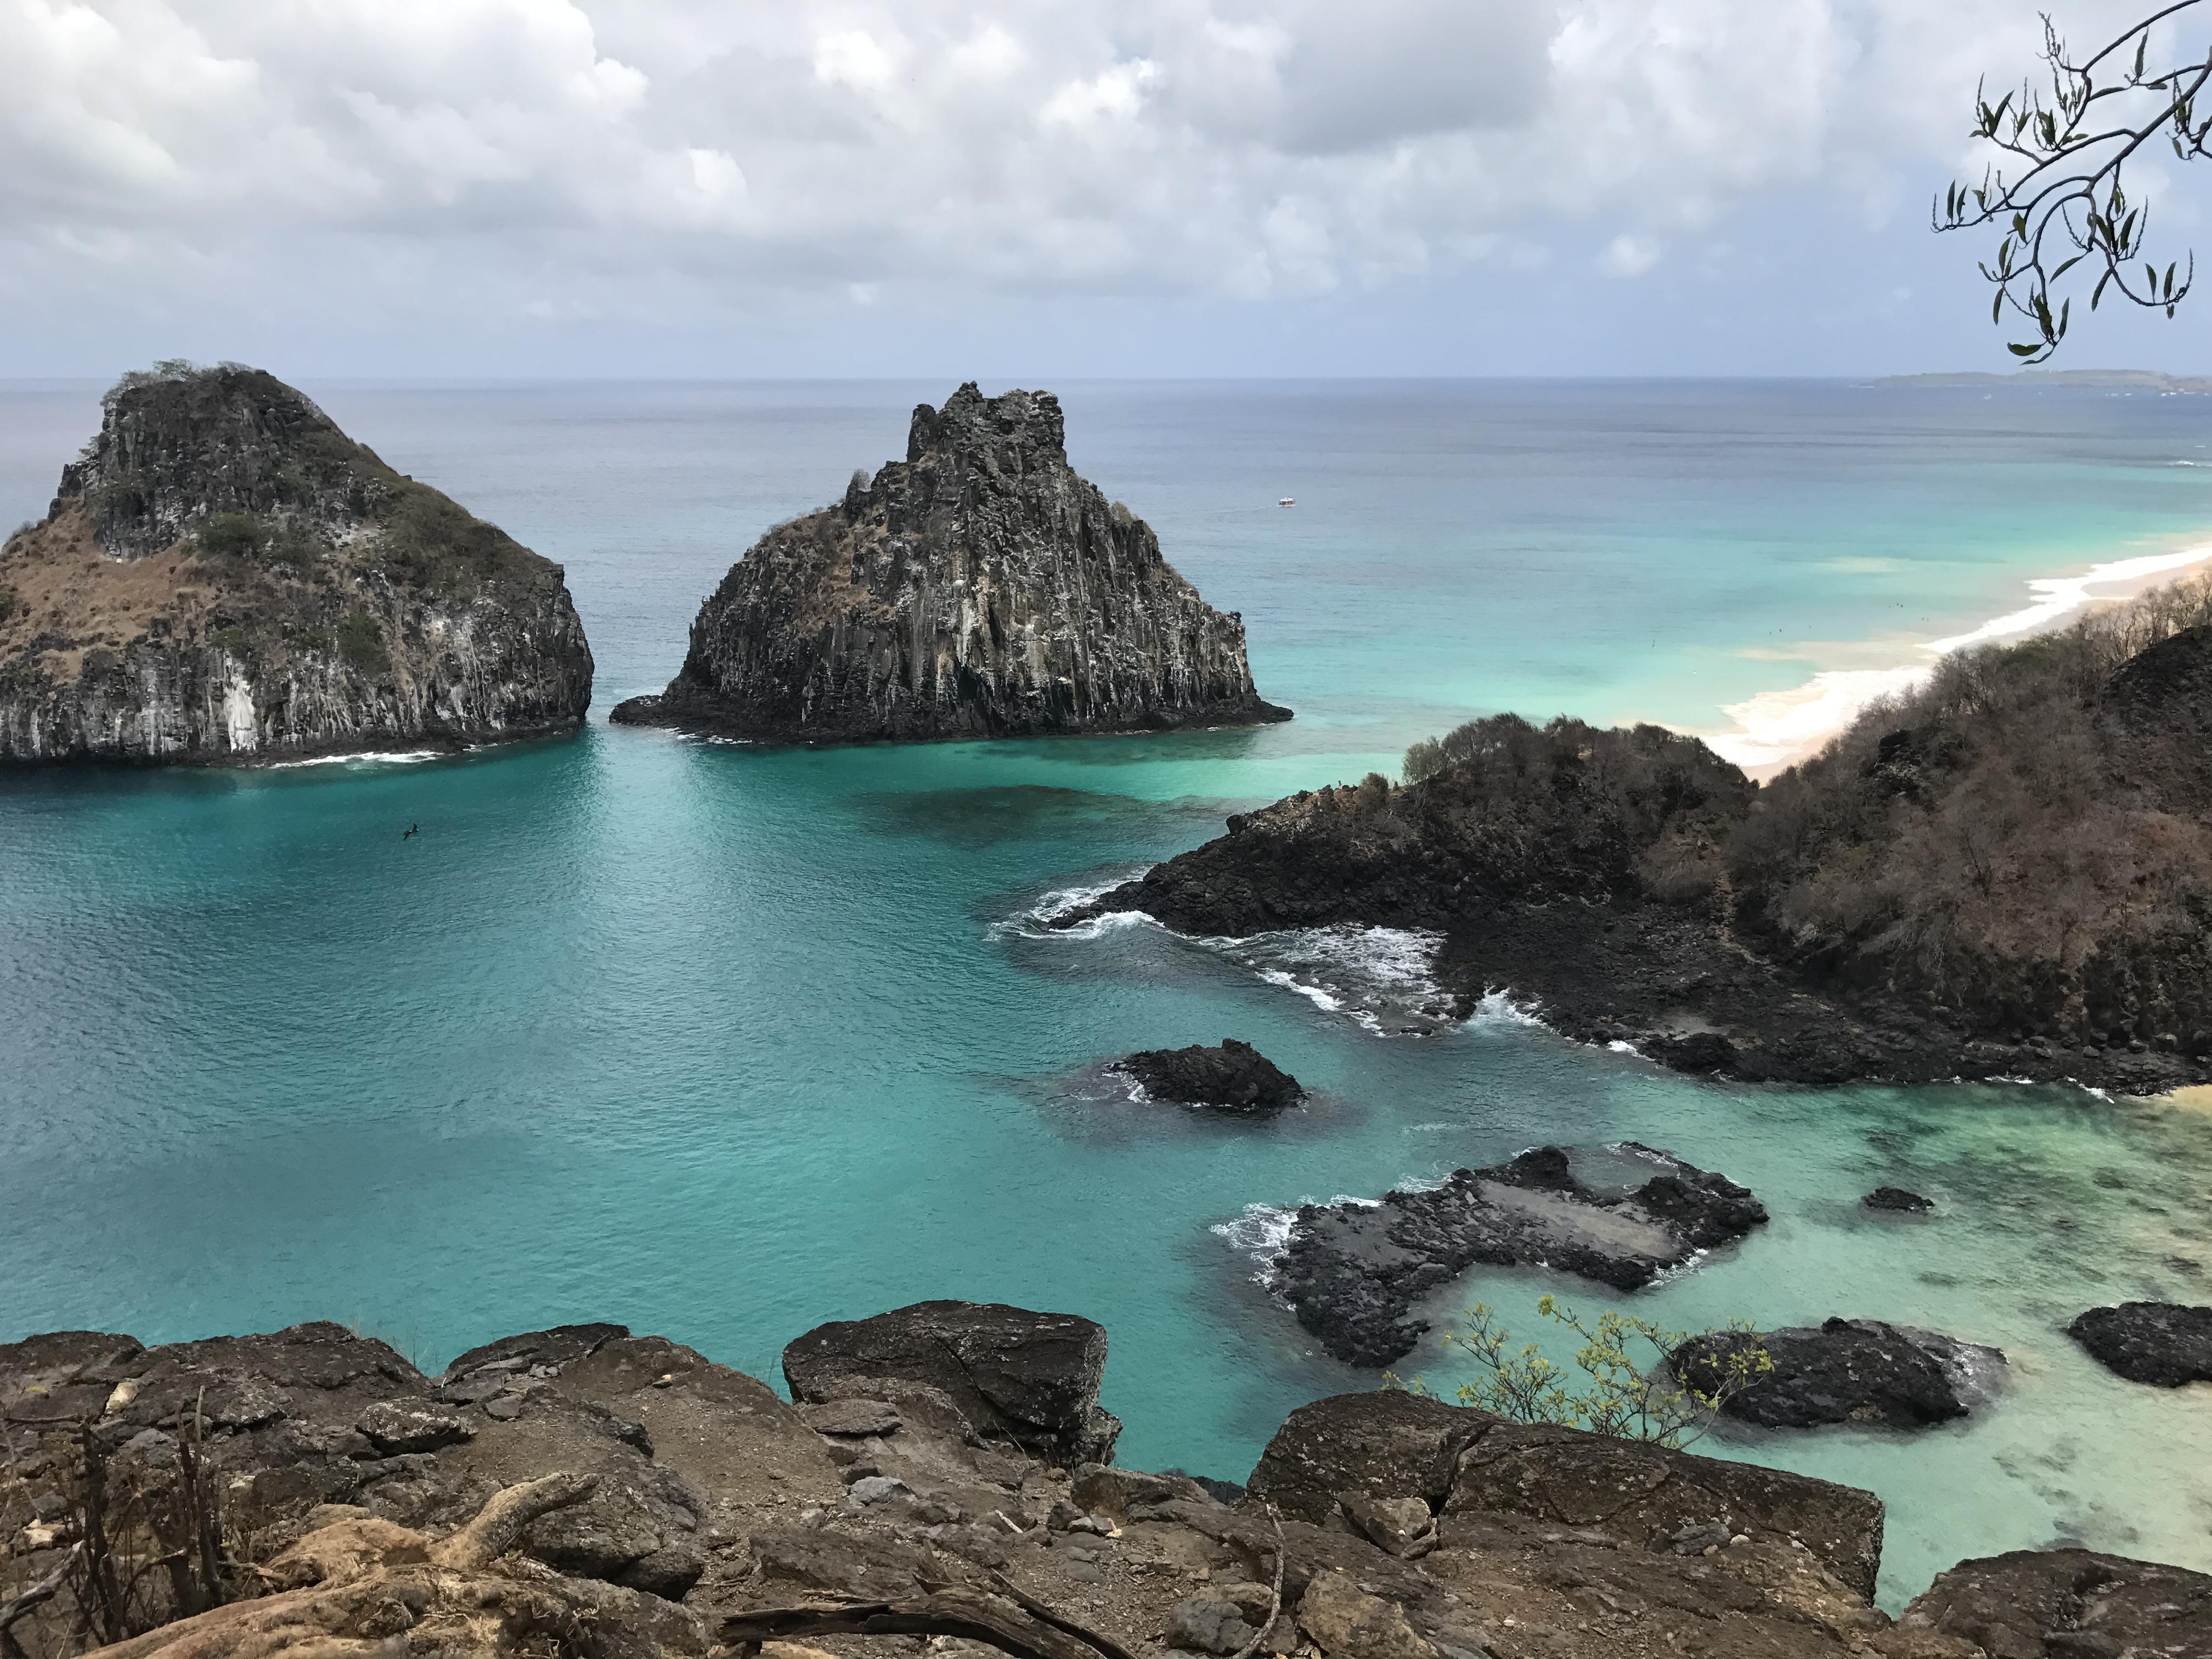 File:Baía dos Porcos - Fernando de Noronha (32811749914) jpg